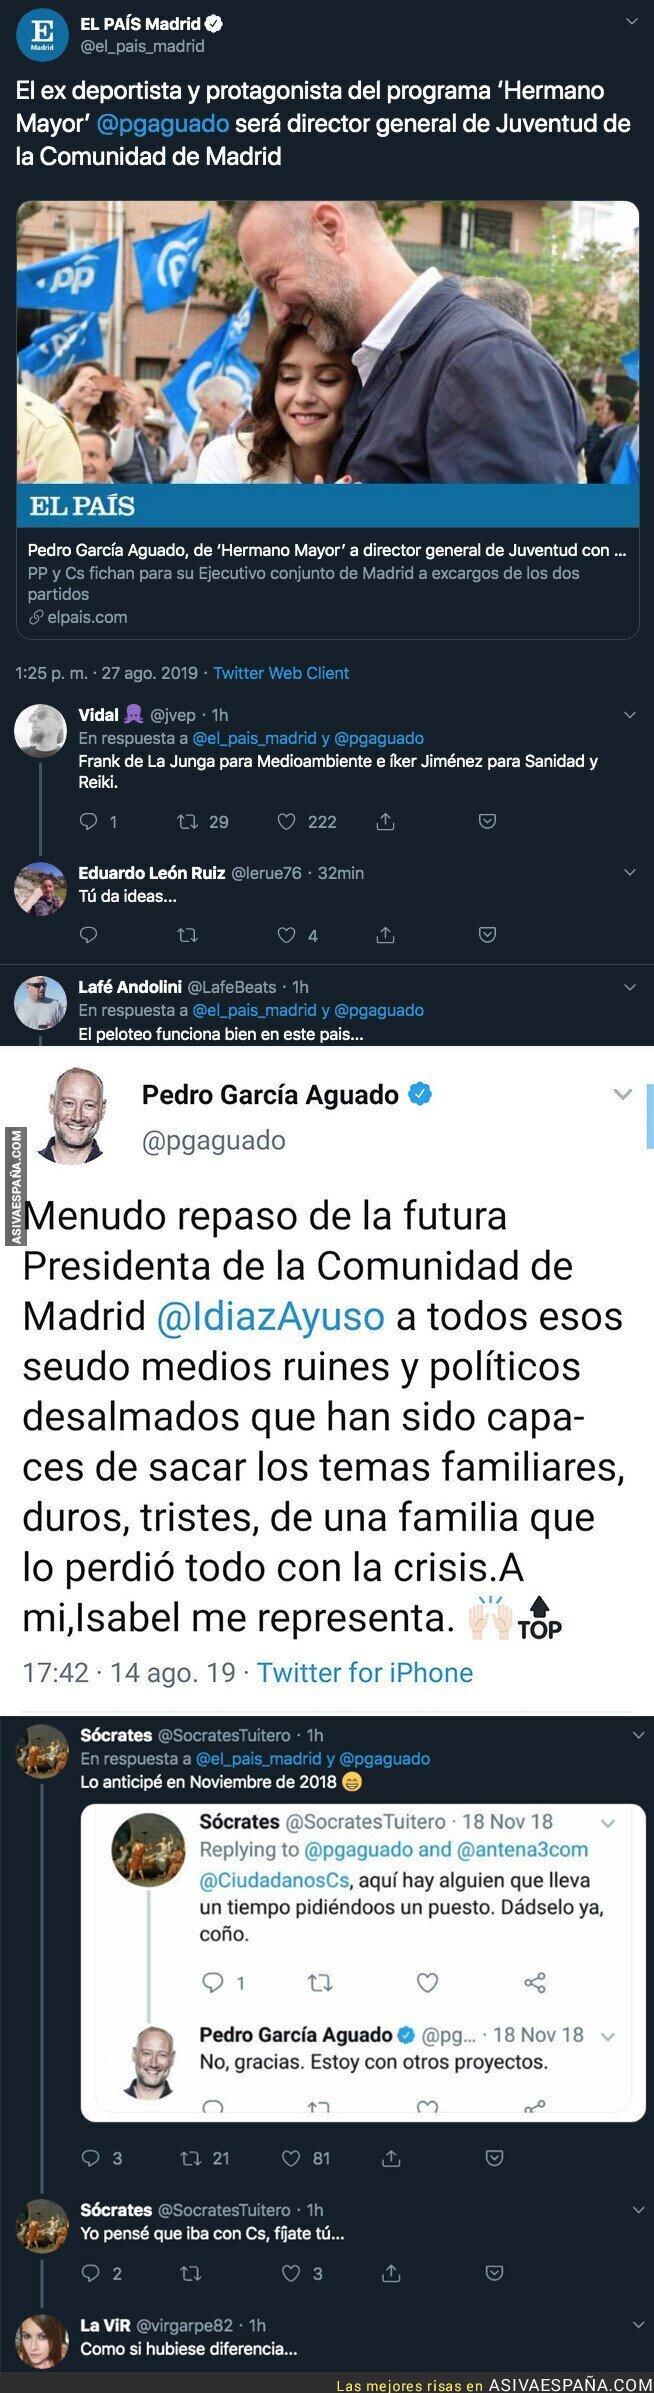 119701 - Pedro García Aguado logra un puesto en la Comunidad de Madrid tras pelotear a todo el PP